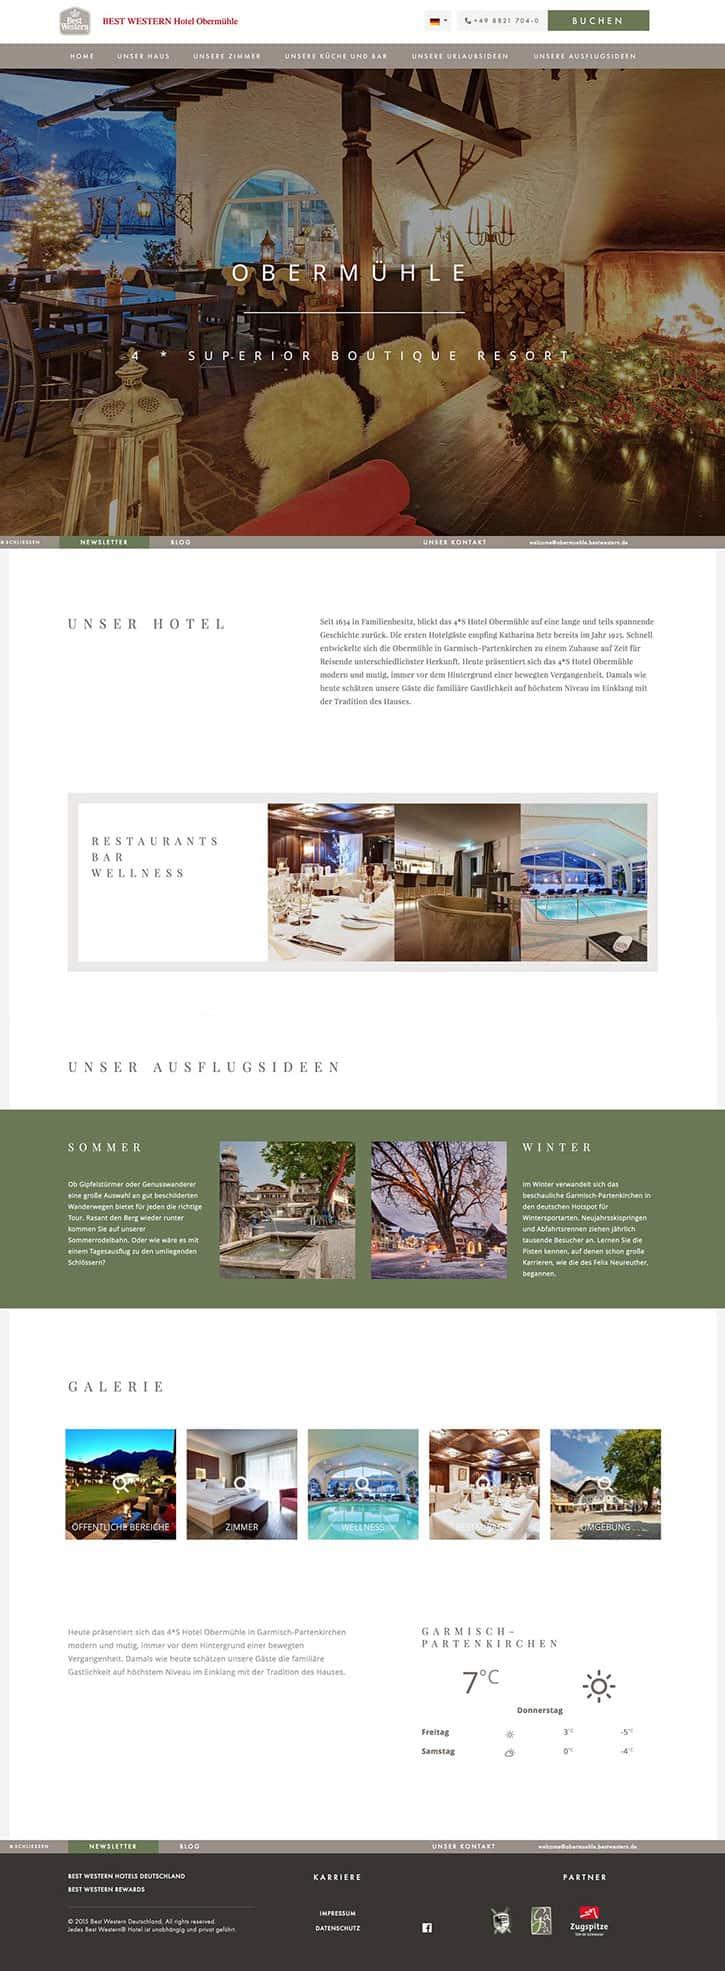 Gravik De Webdesign Und Entwicklung Hotel Obermuhle In Garmisch